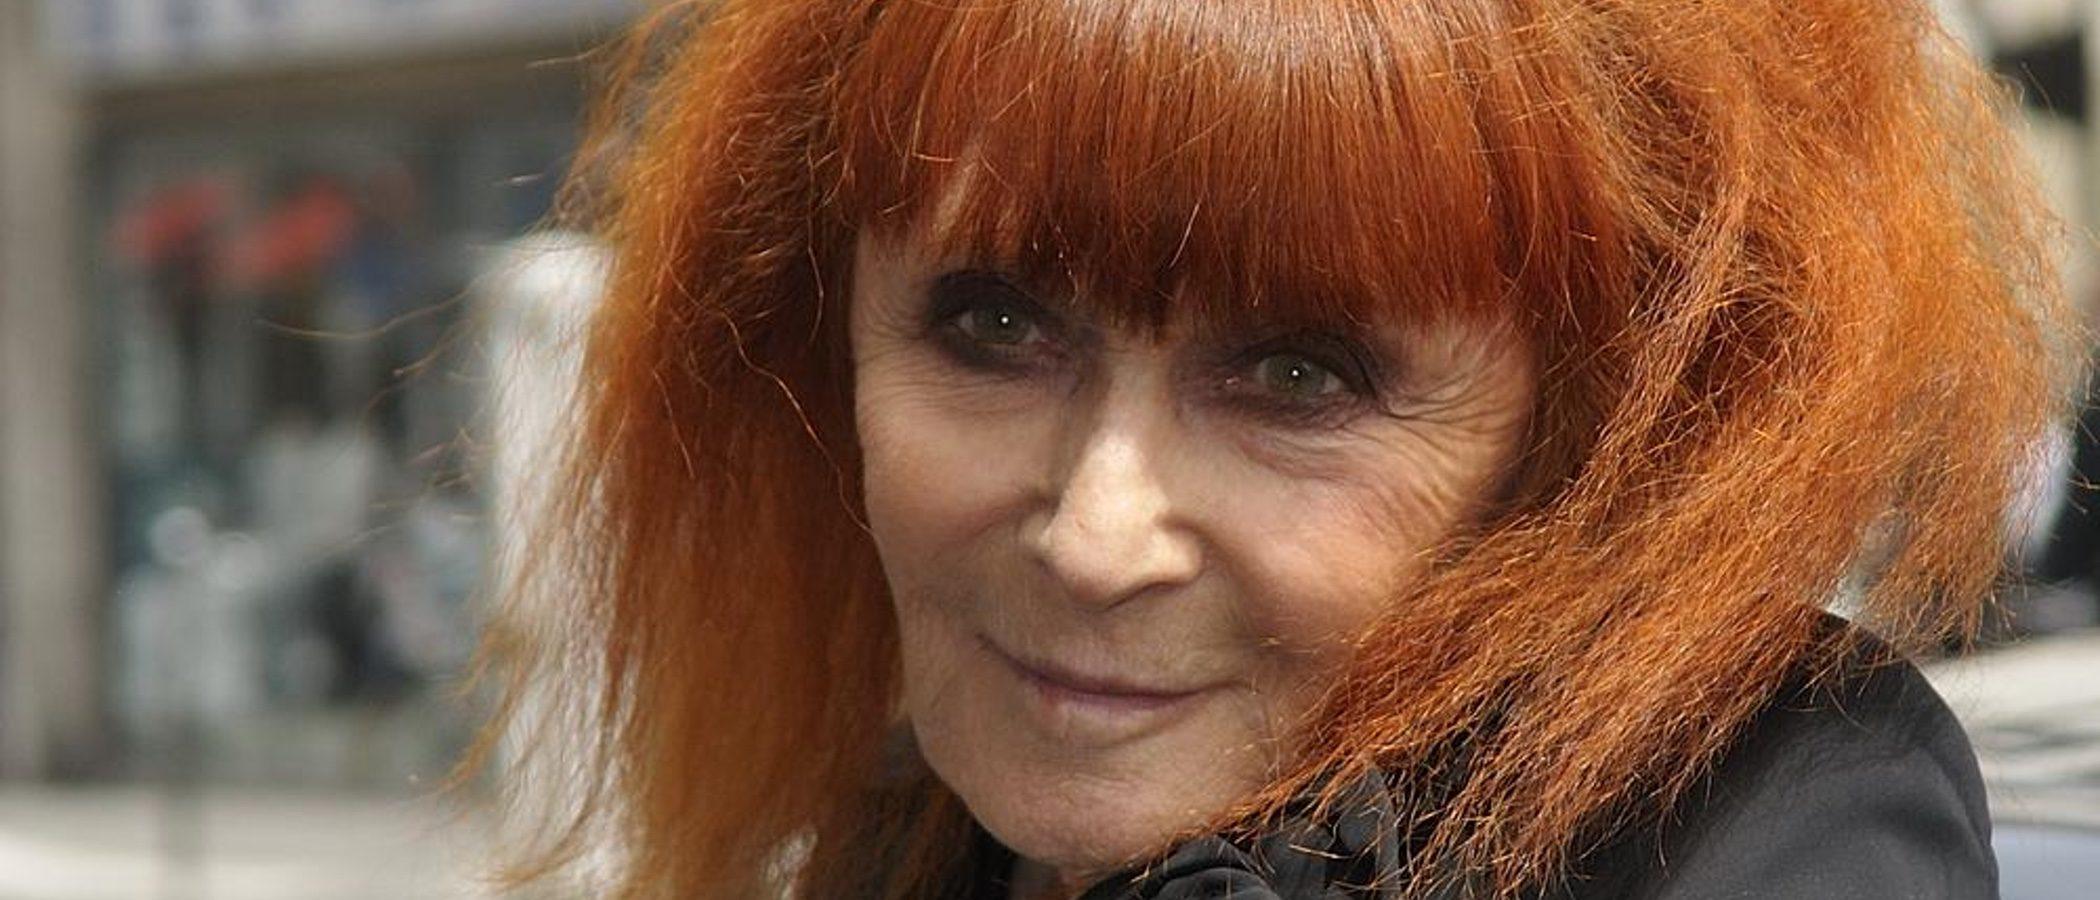 El mundo de la moda está de luto: Muere la diseñadora Sonia Rykiel a los 86 años